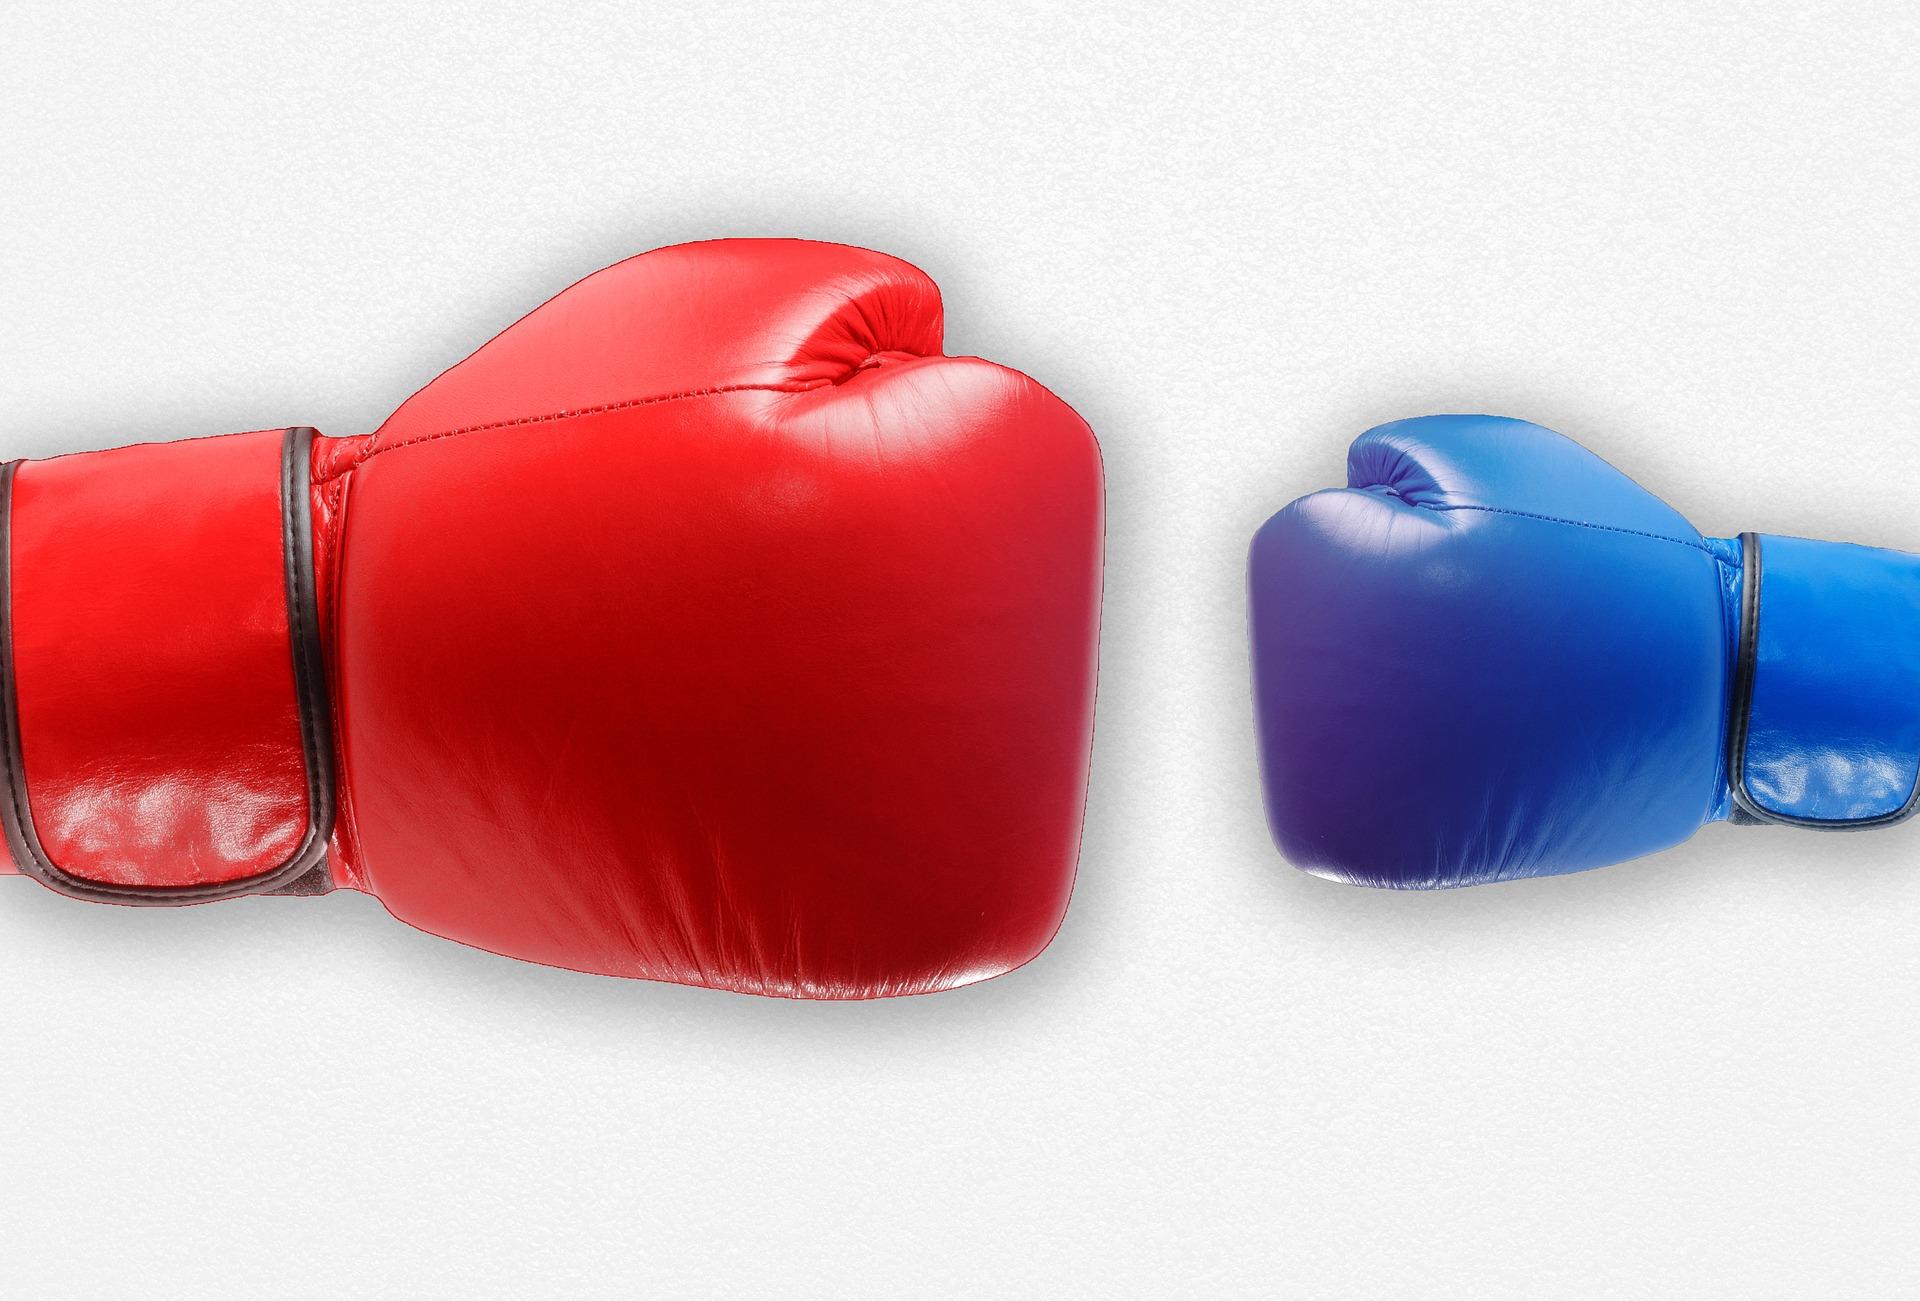 fight-2284723_1920